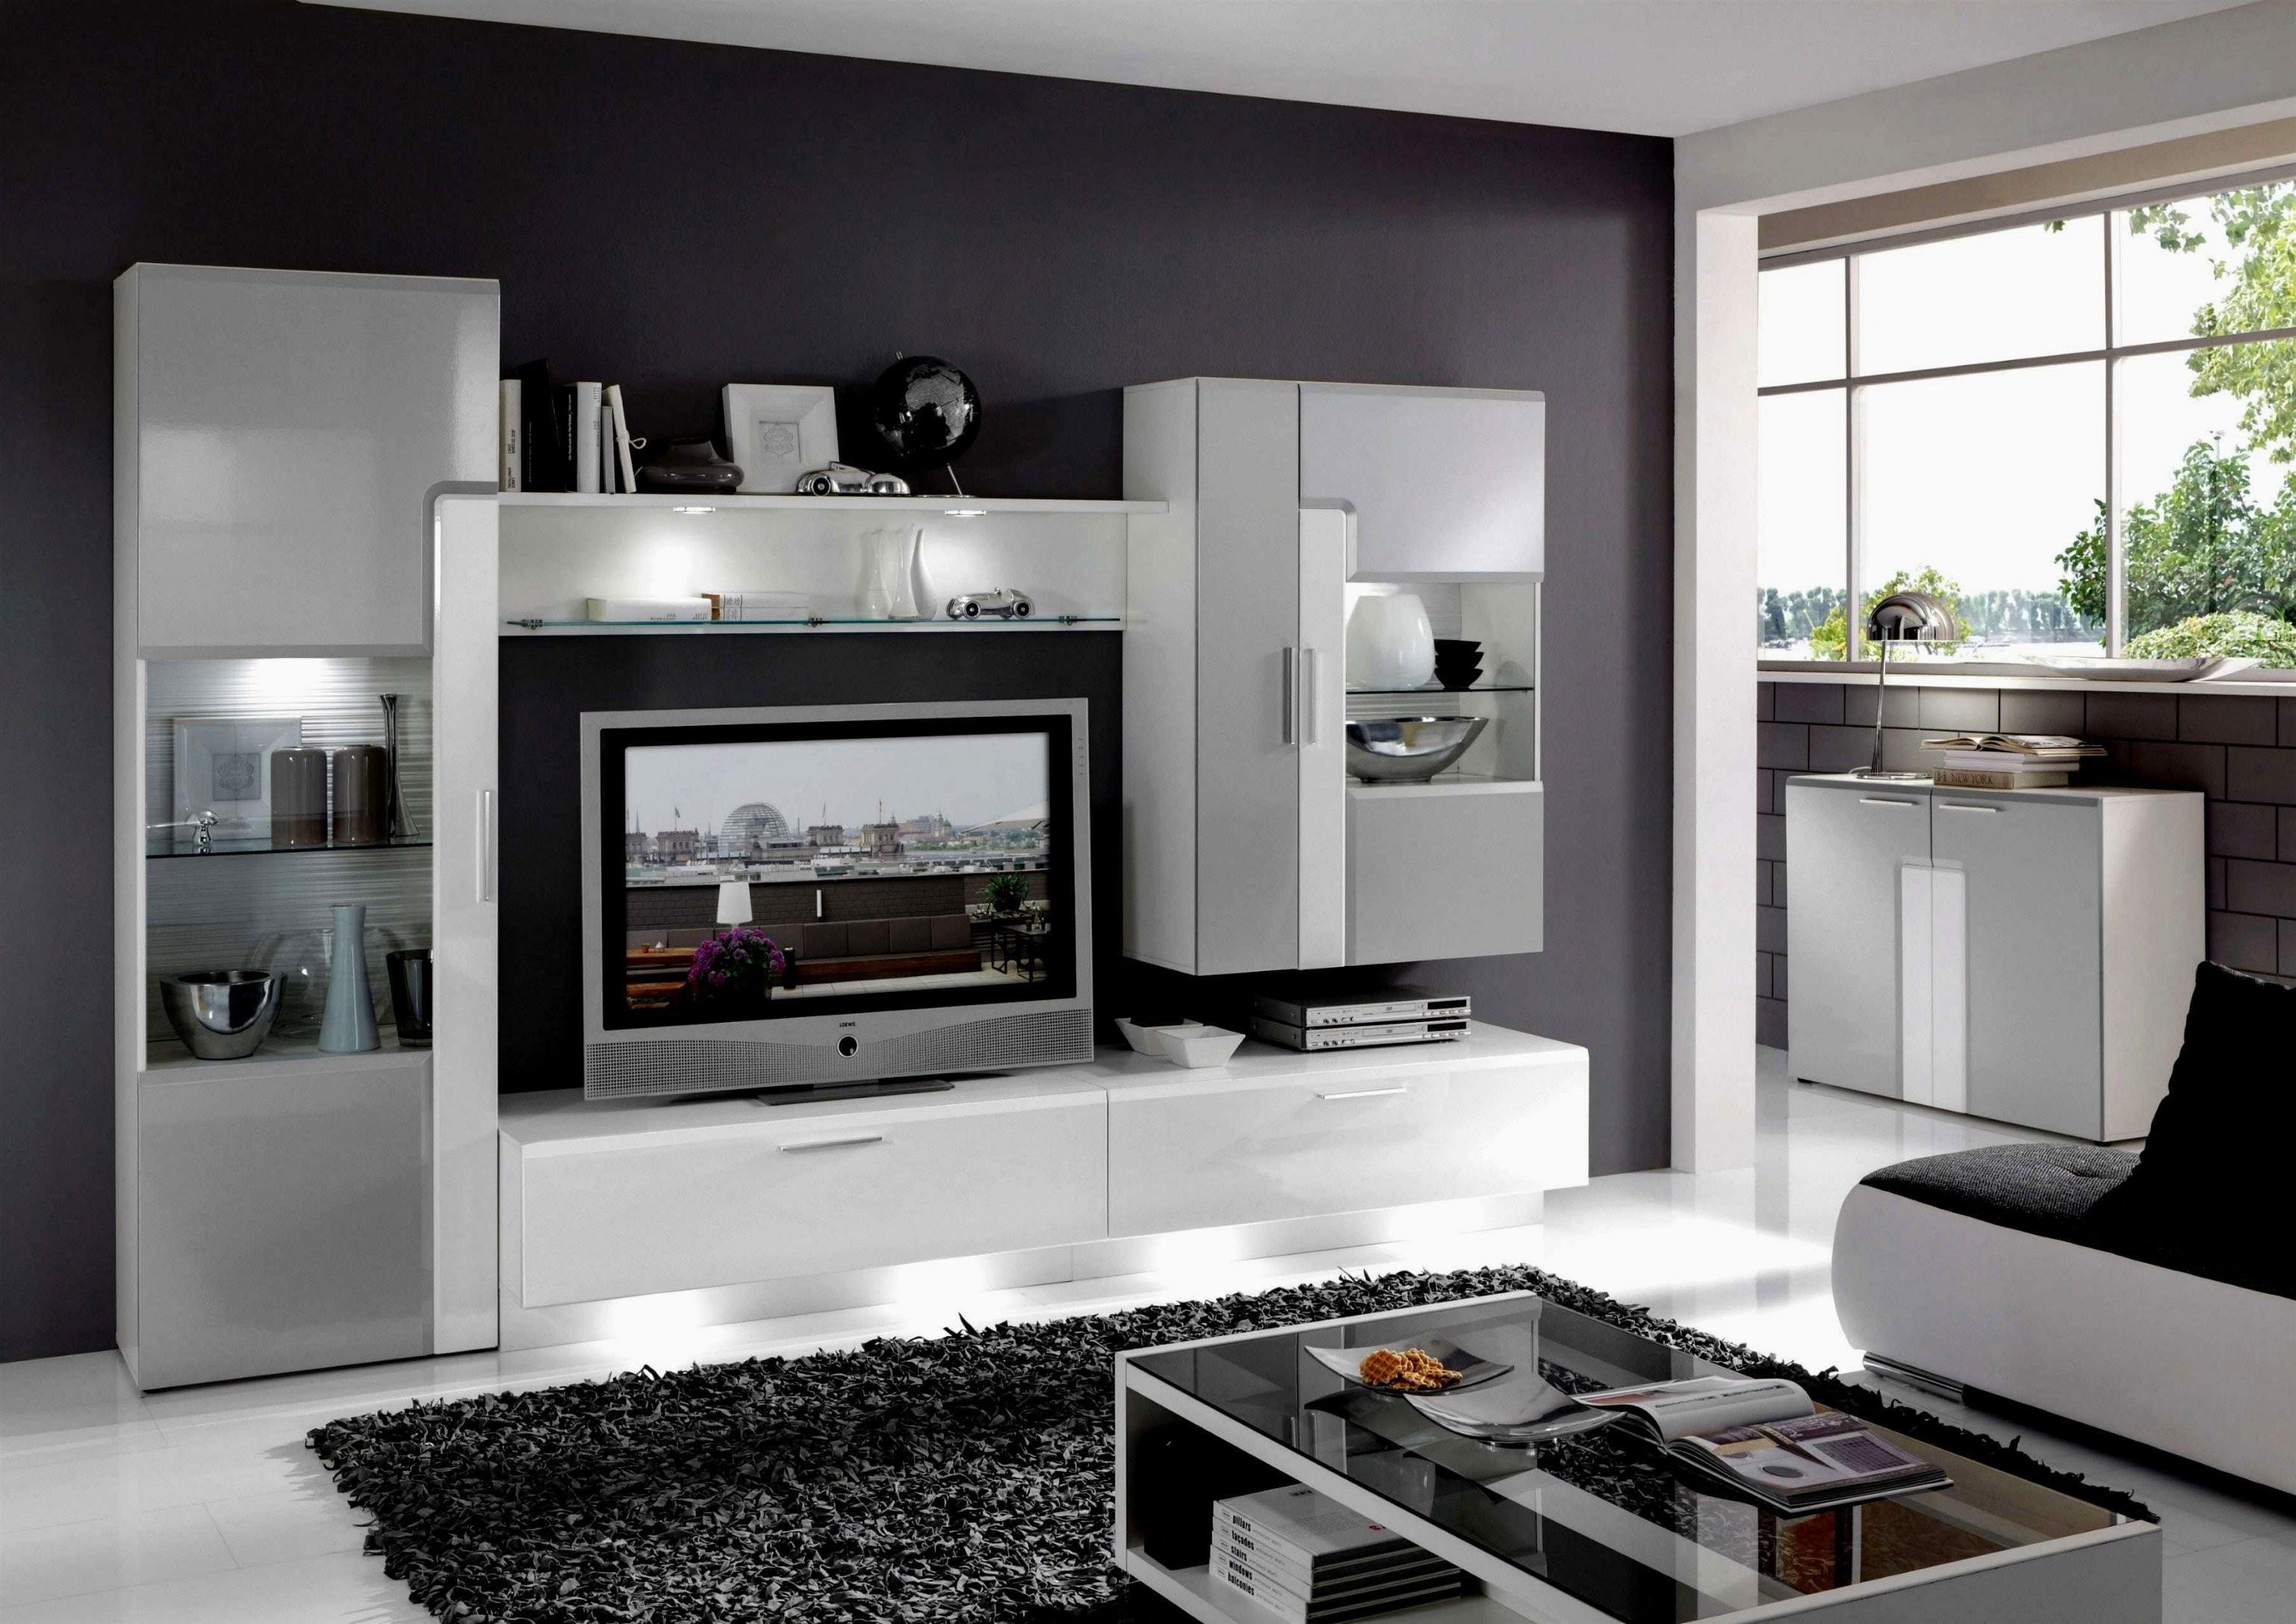 Weiße Möbel Wohnzimmer Graue Wand Weiße Möbel — Haus Möbel